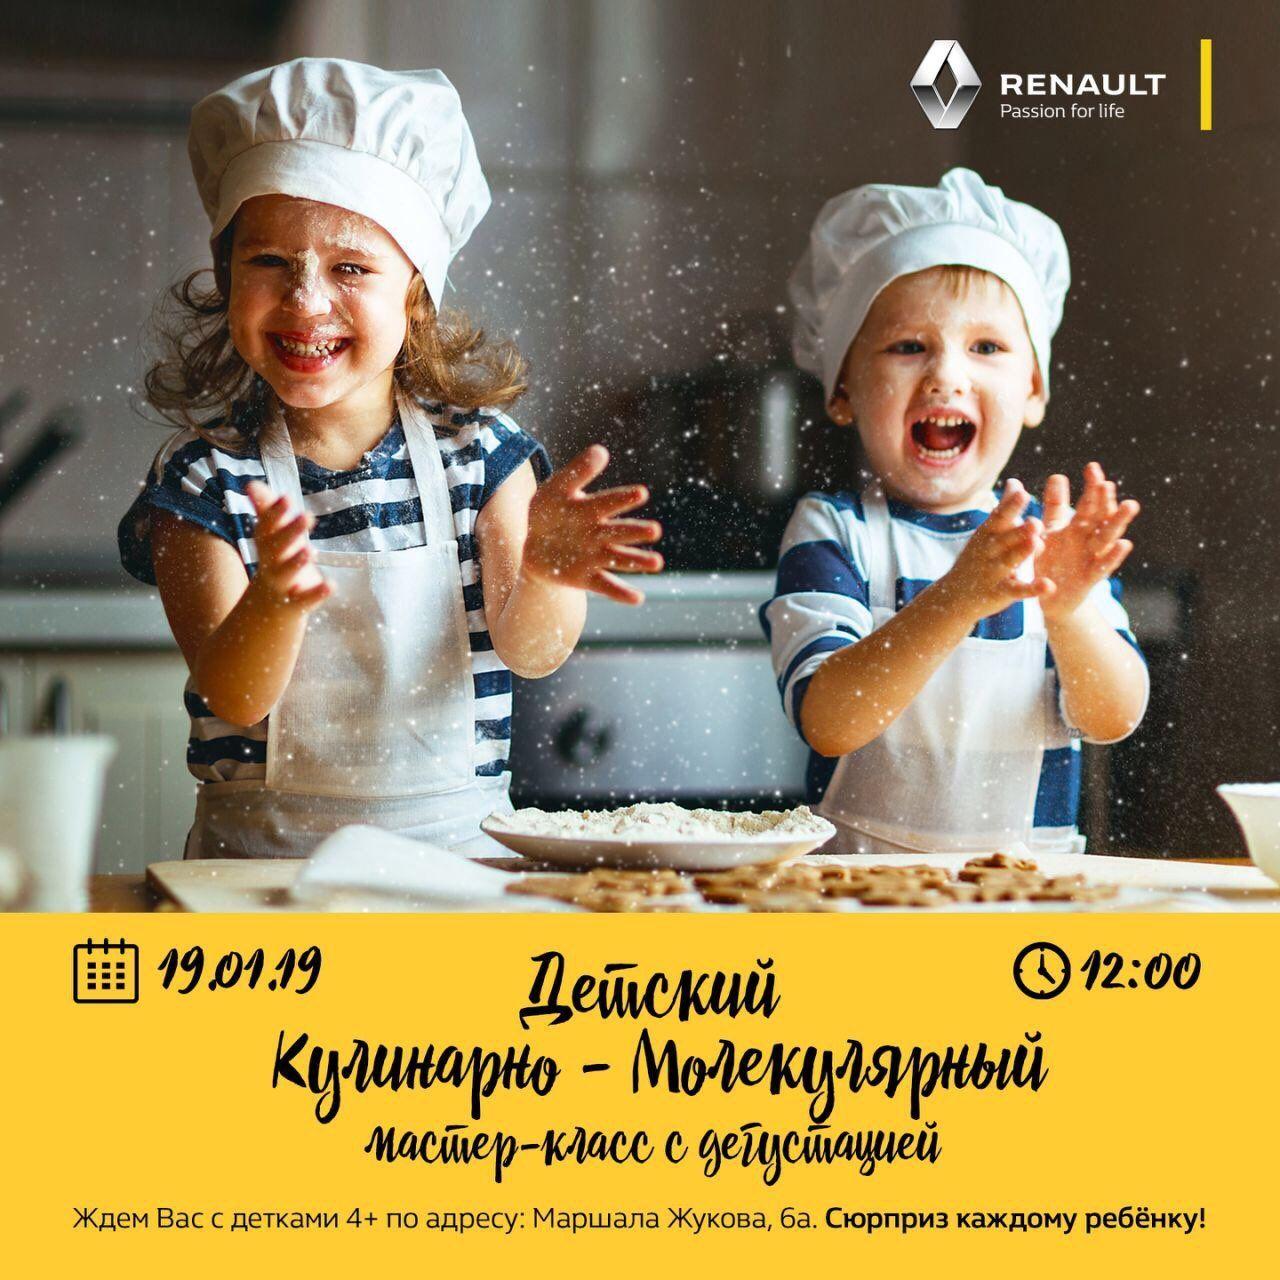 Детский кулинарно-молекулярный мастер-класс в гостях Автоцентра RENAULT